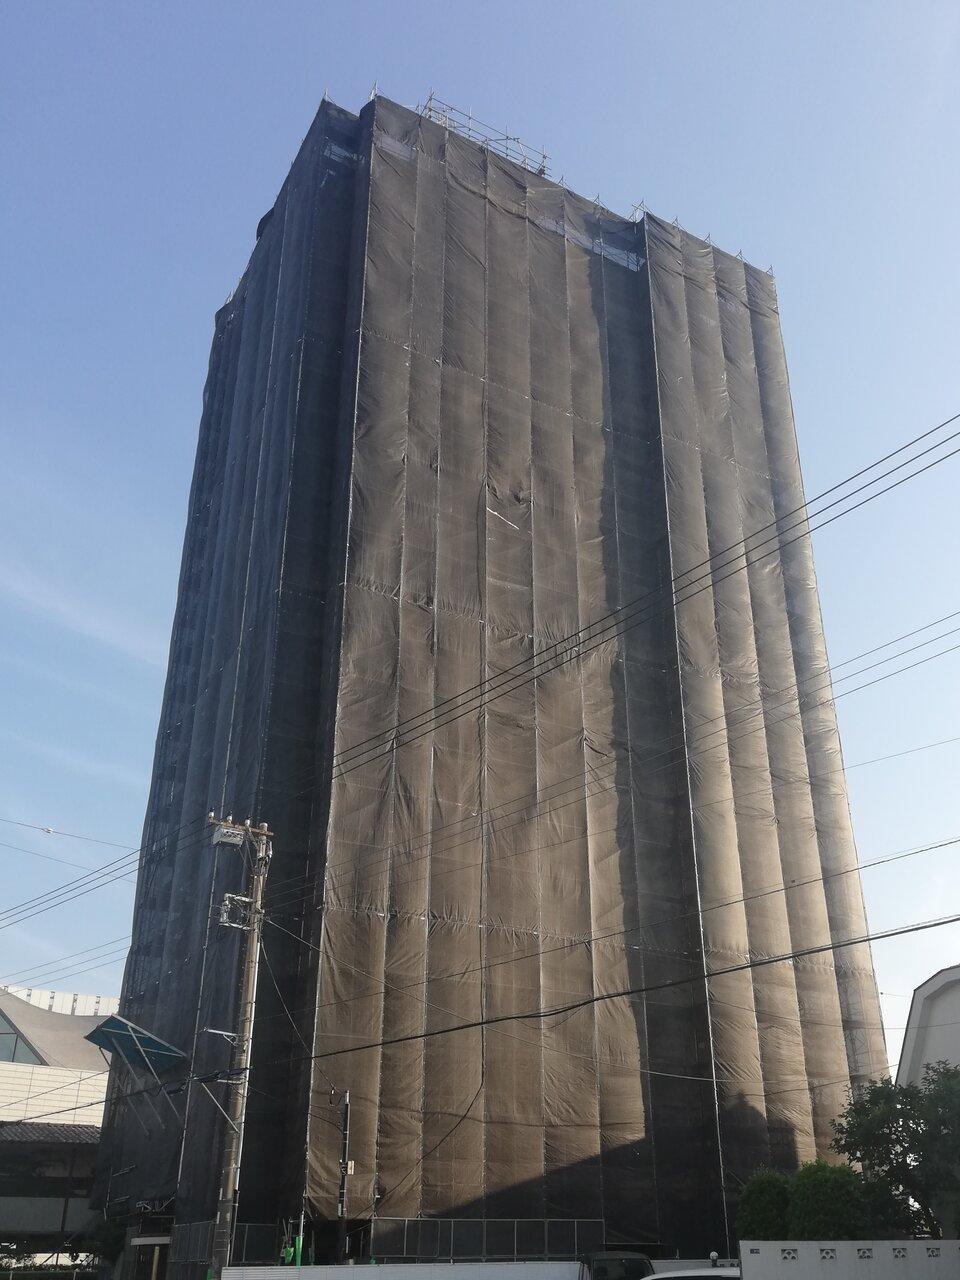 老朽化マンション対応急務 「修繕積立金」不足の危機 新築時の販売姿勢が元凶